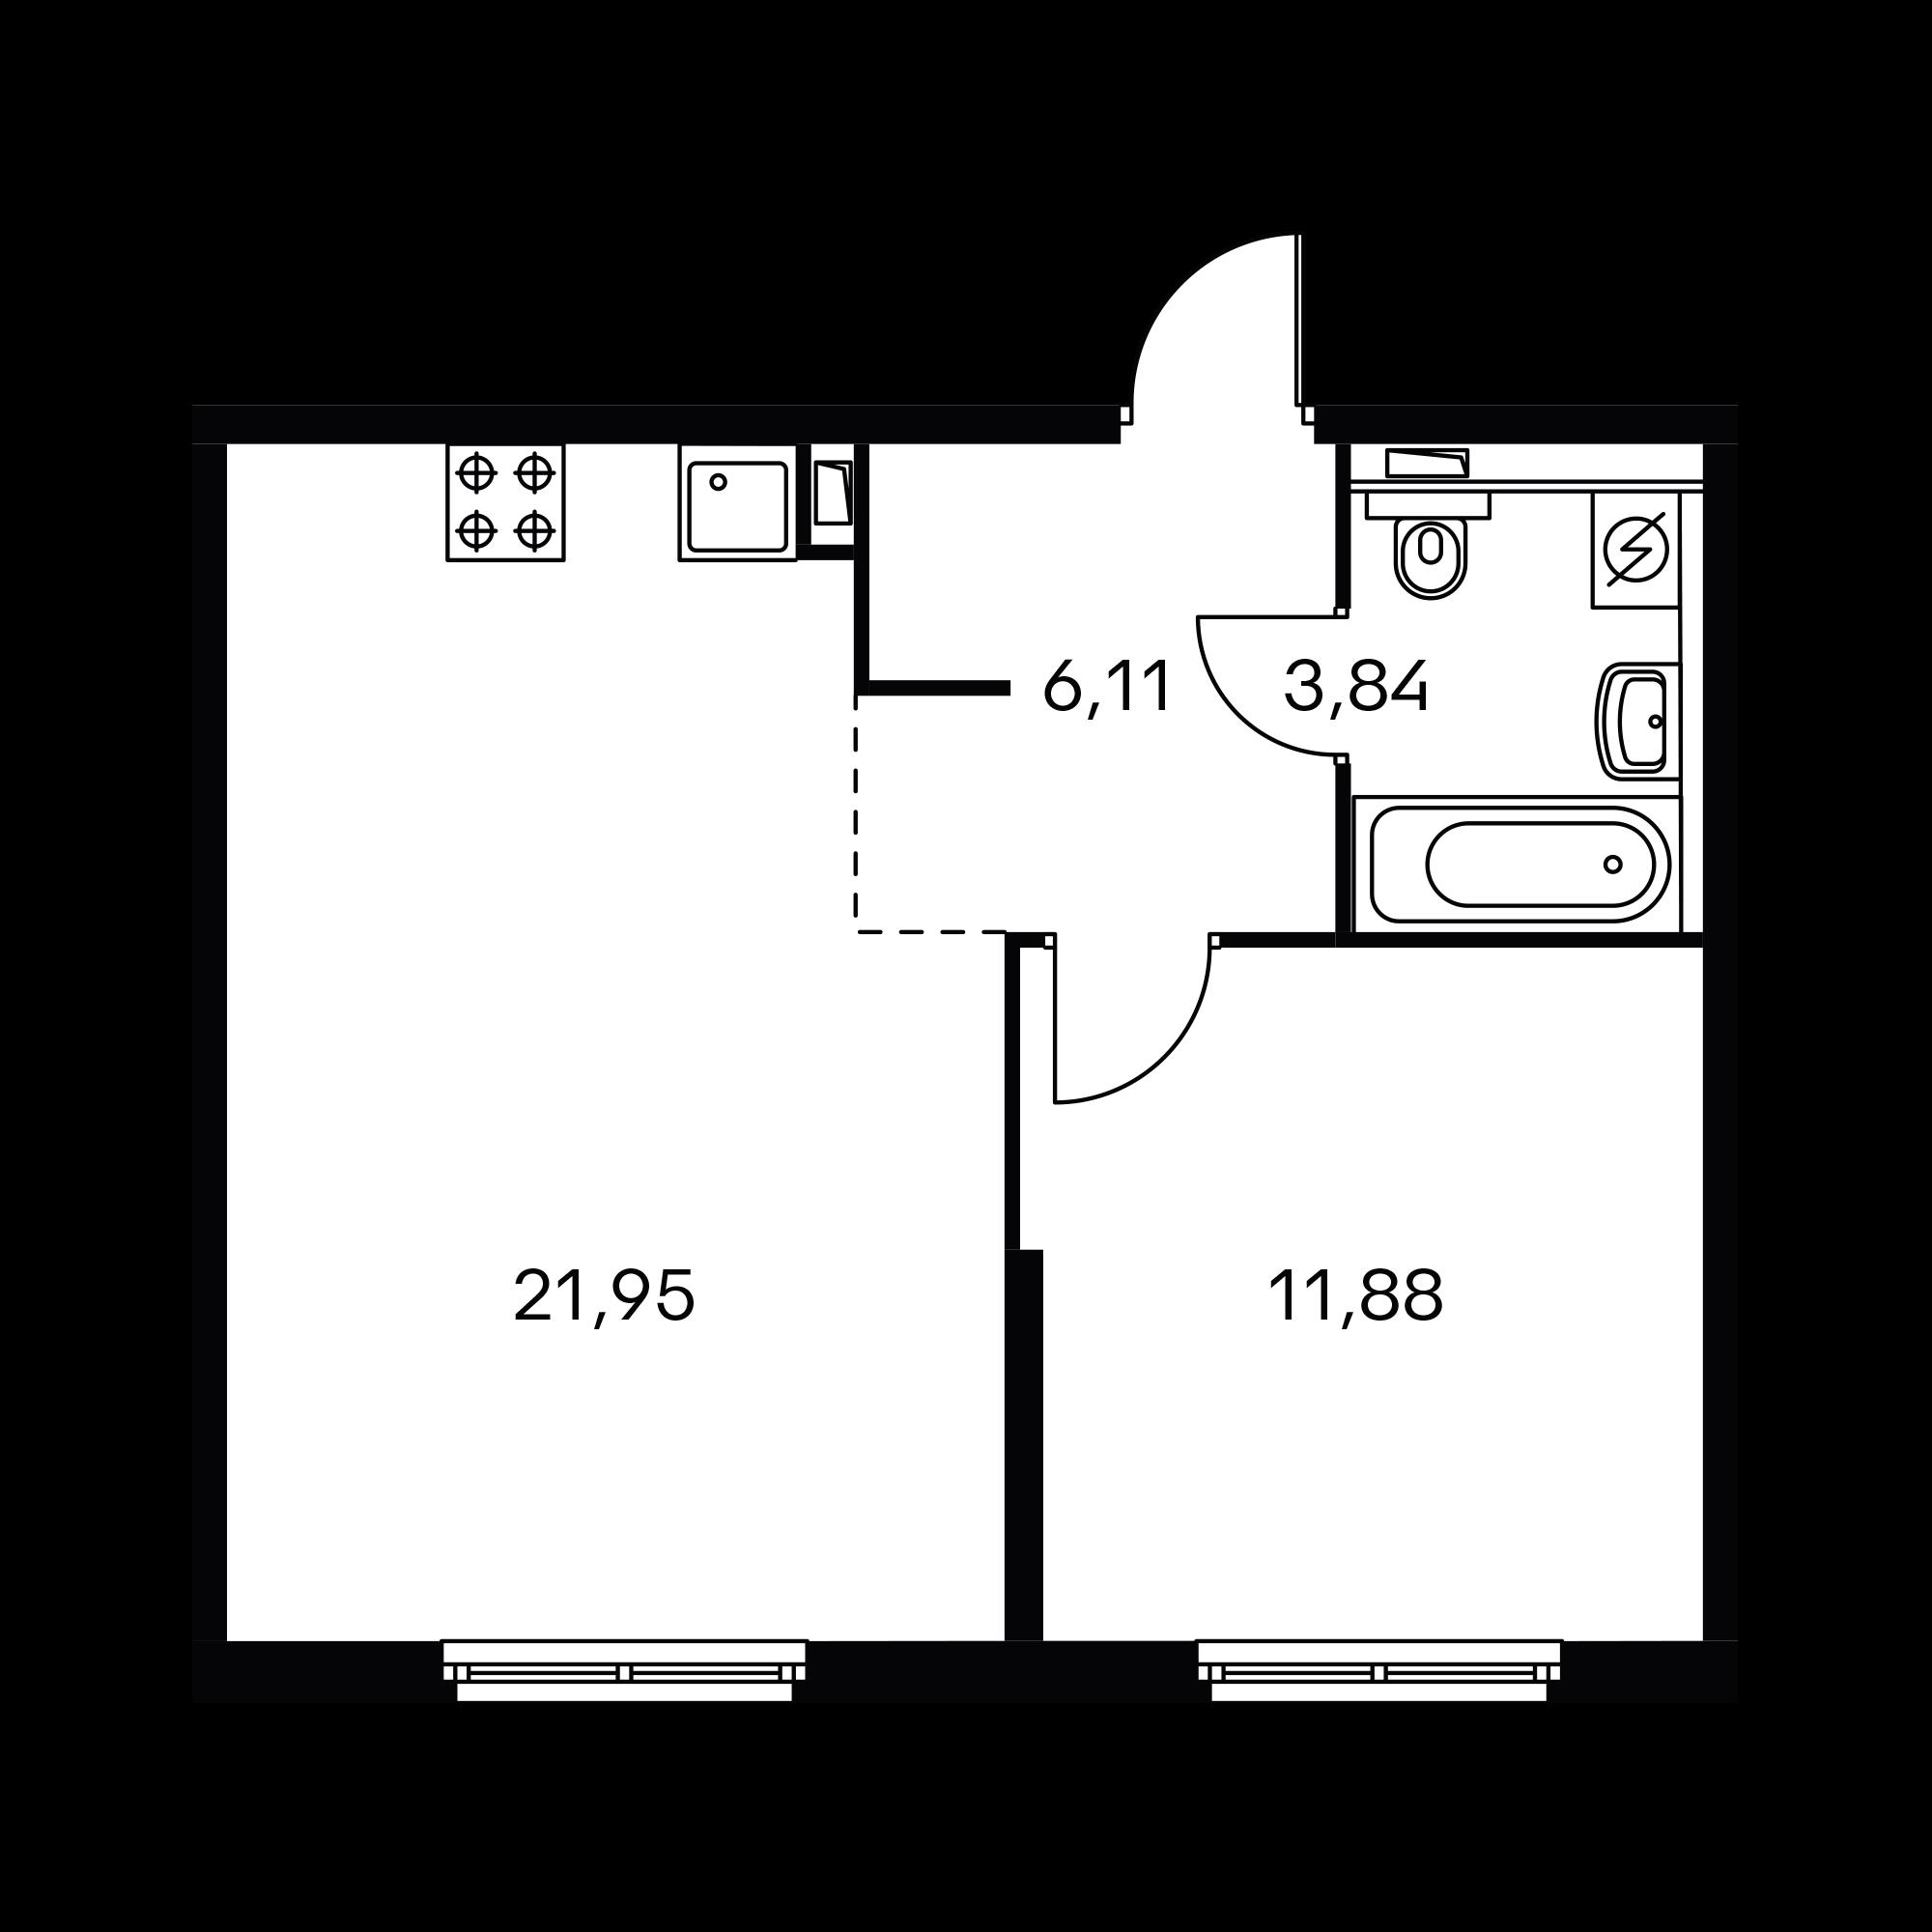 1EL5_7.8-2_S_Z